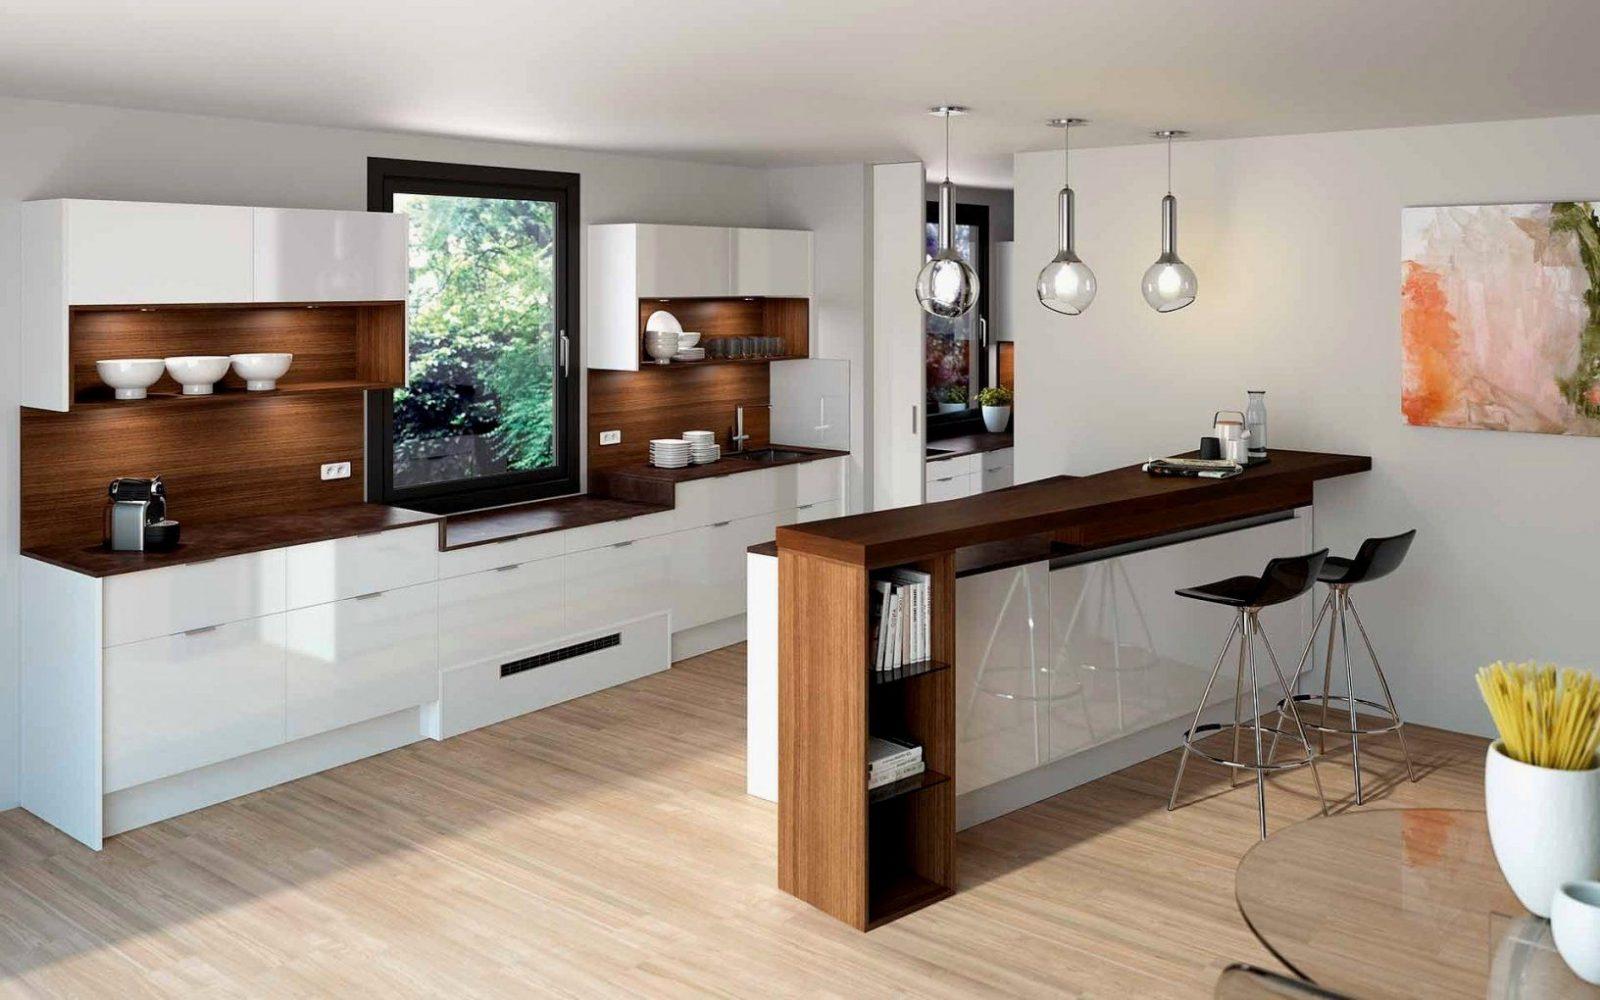 Schick Wandverkleidung Küche Selber Machen Ideen 4096 von Wandverkleidung Küche Selber Machen Bild